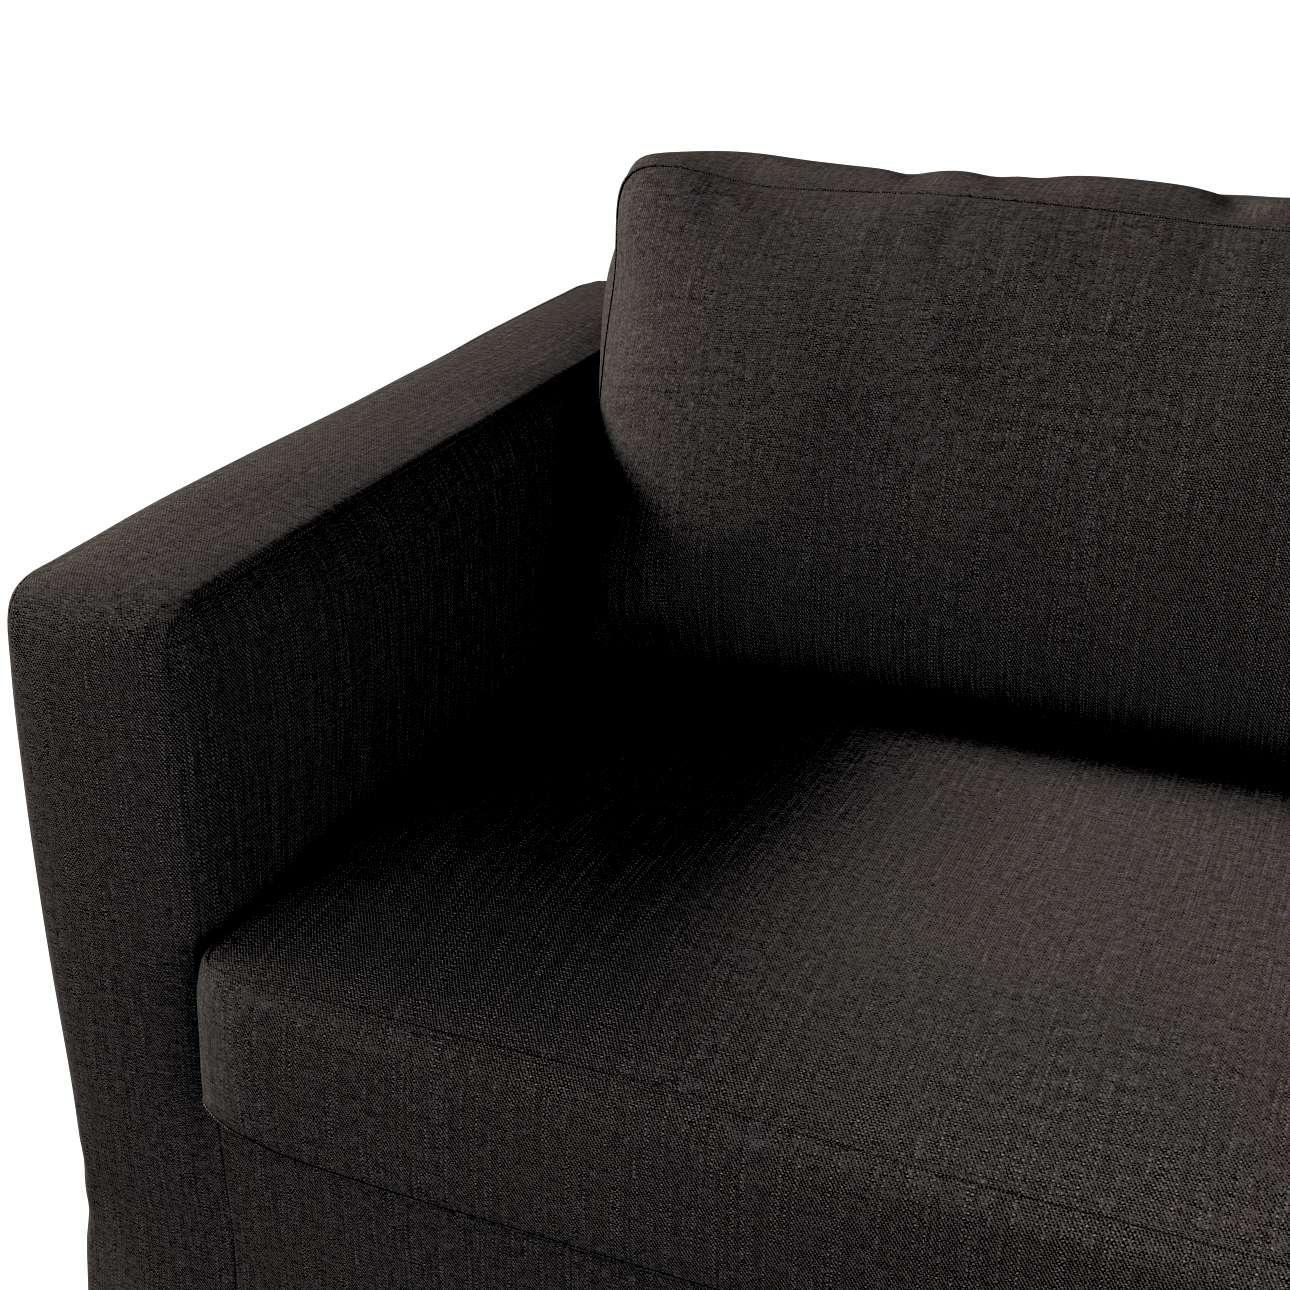 Potah na pohovku IKEA  Karlstad 3-místná, nerozkládací, dlouhý v kolekci Etna, látka: 702-36